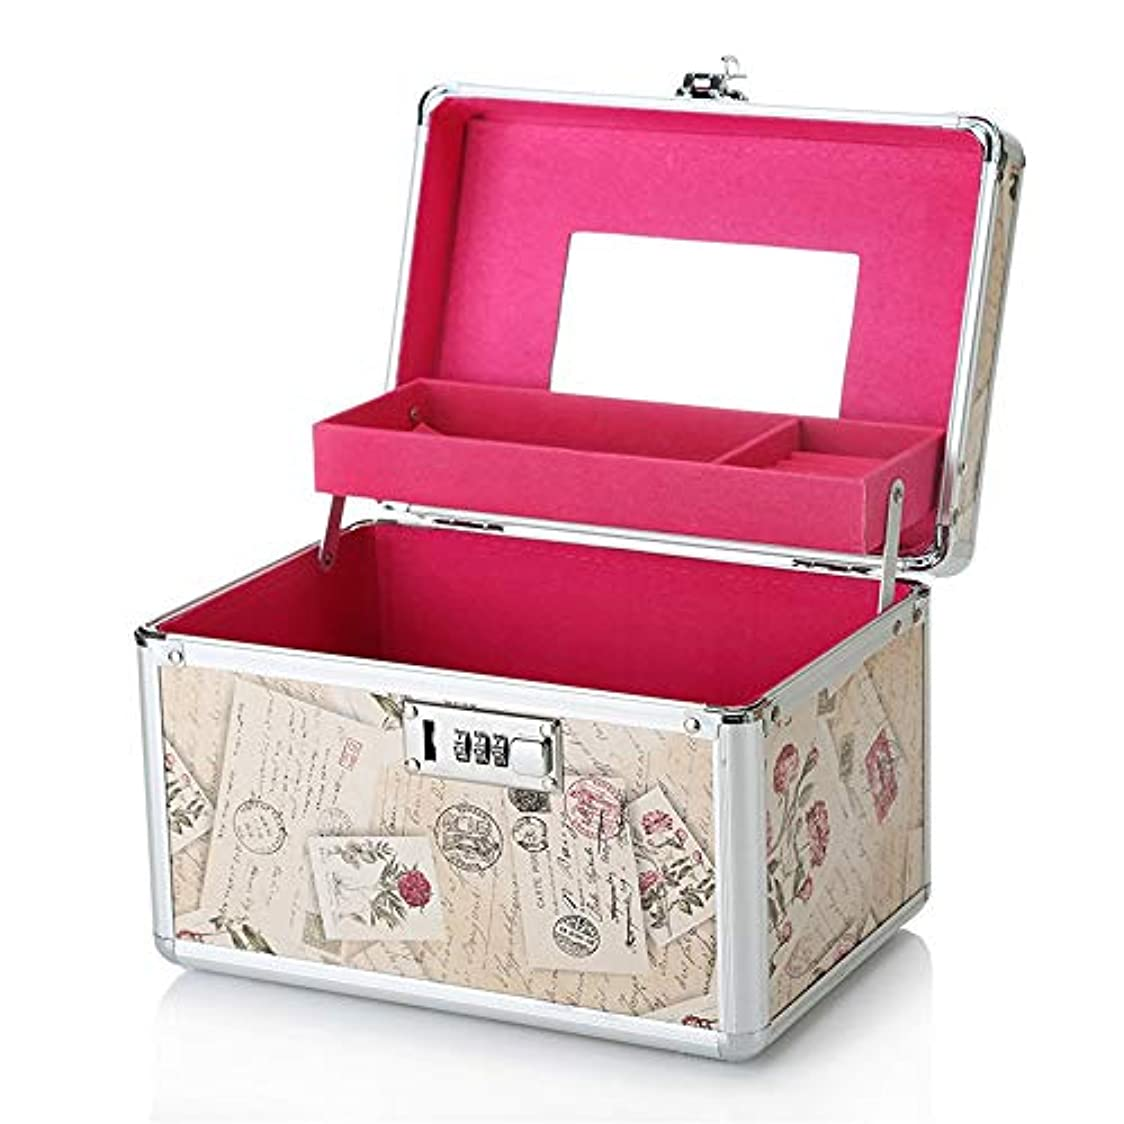 手伝うパーク原油化粧オーガナイザーバッグ 旅行のメイクアップバッグメイク化粧品バッグトイレタリー化粧ケース 化粧品ケース